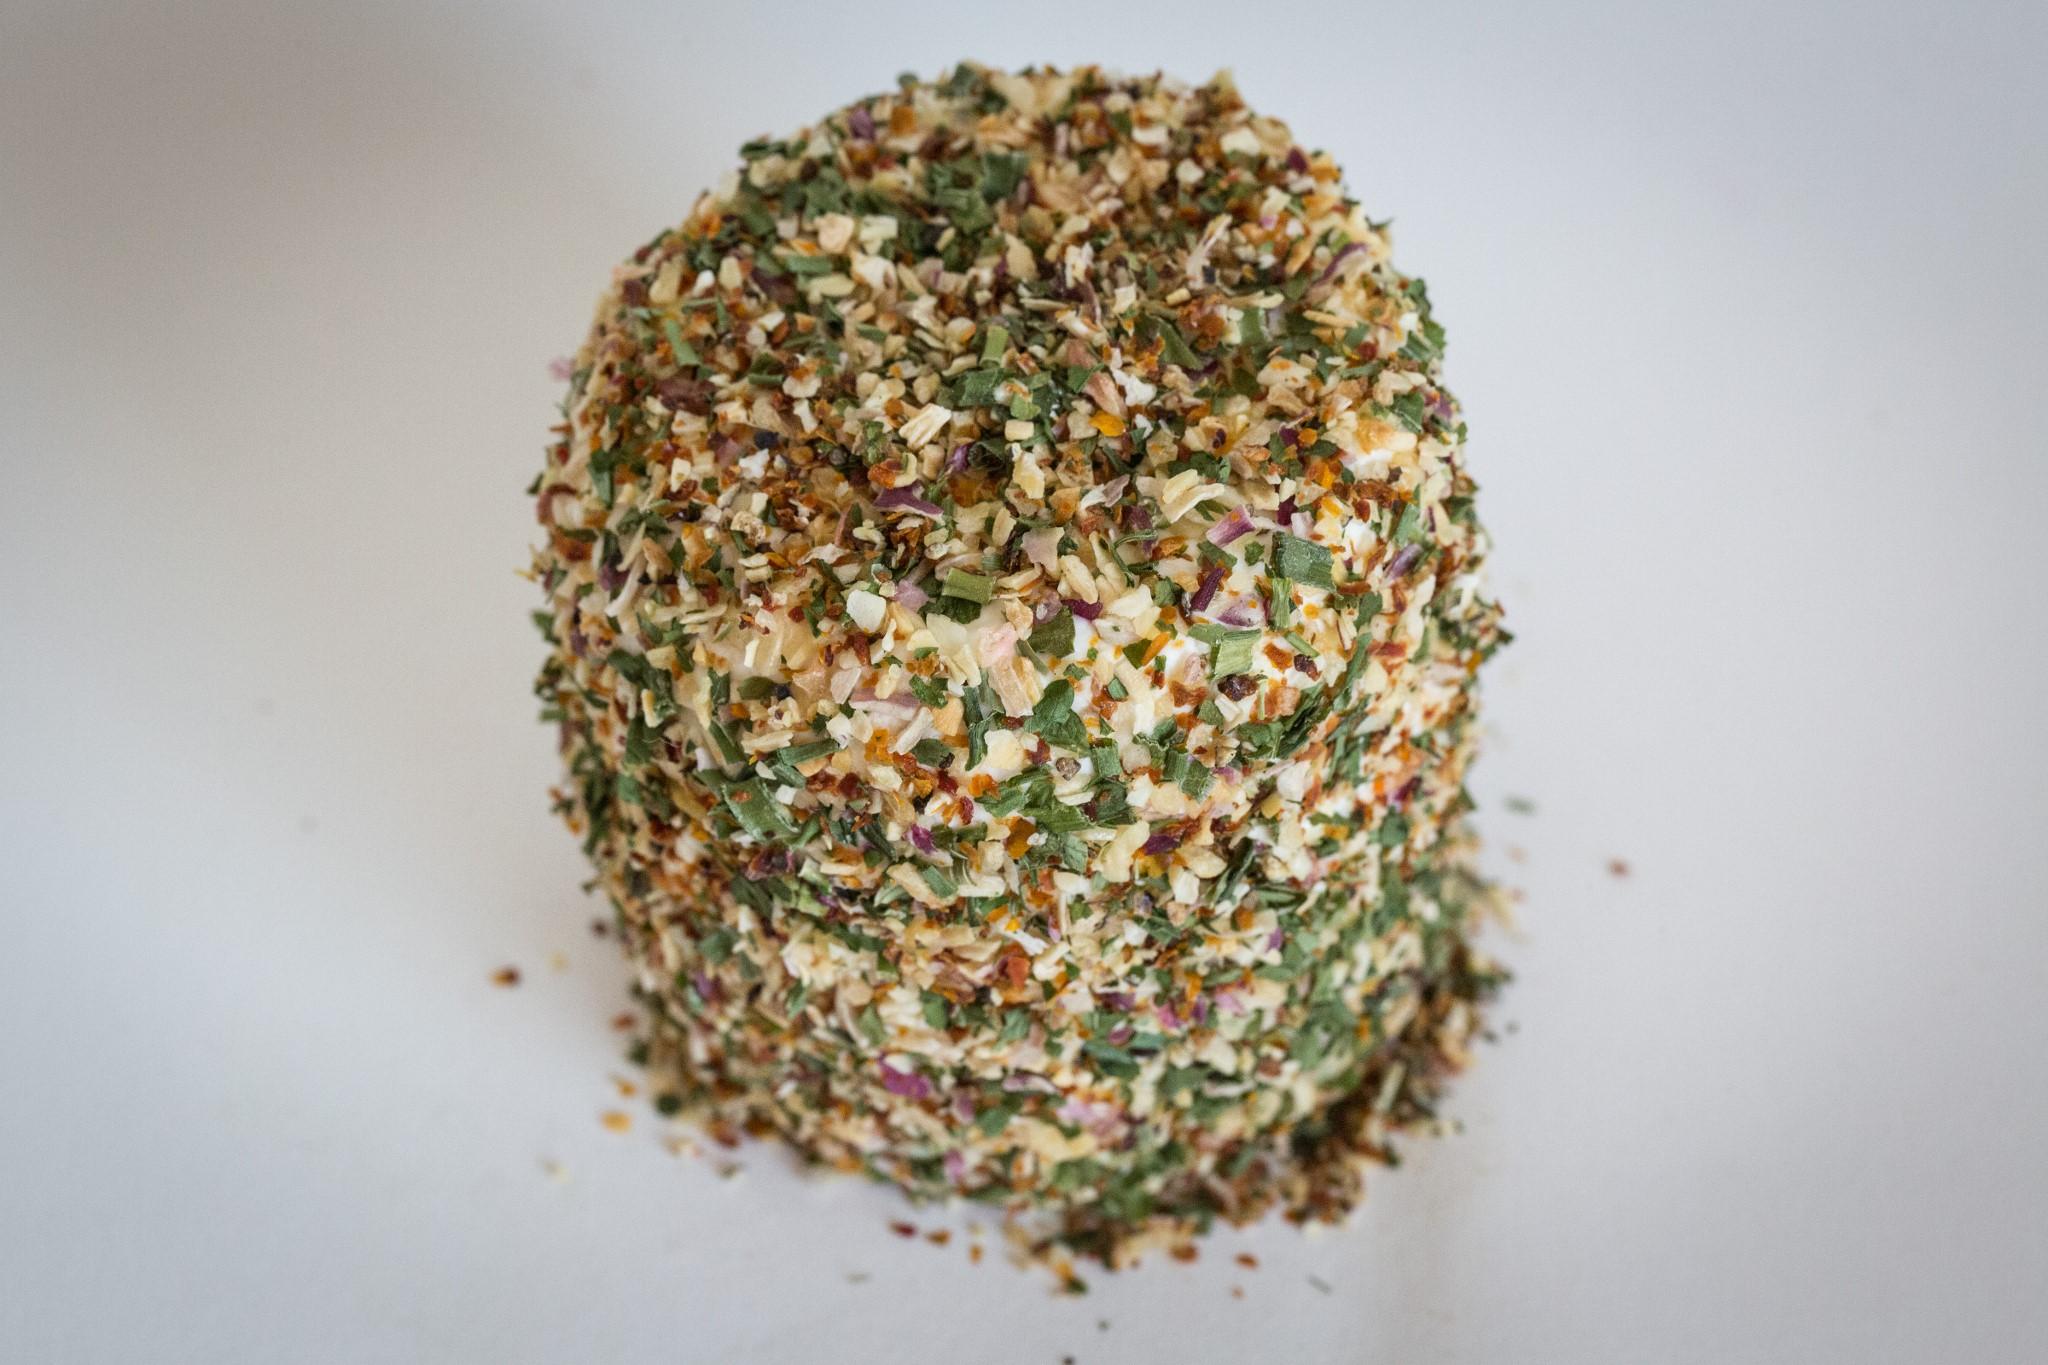 fromage-de-chevre-herbe-3